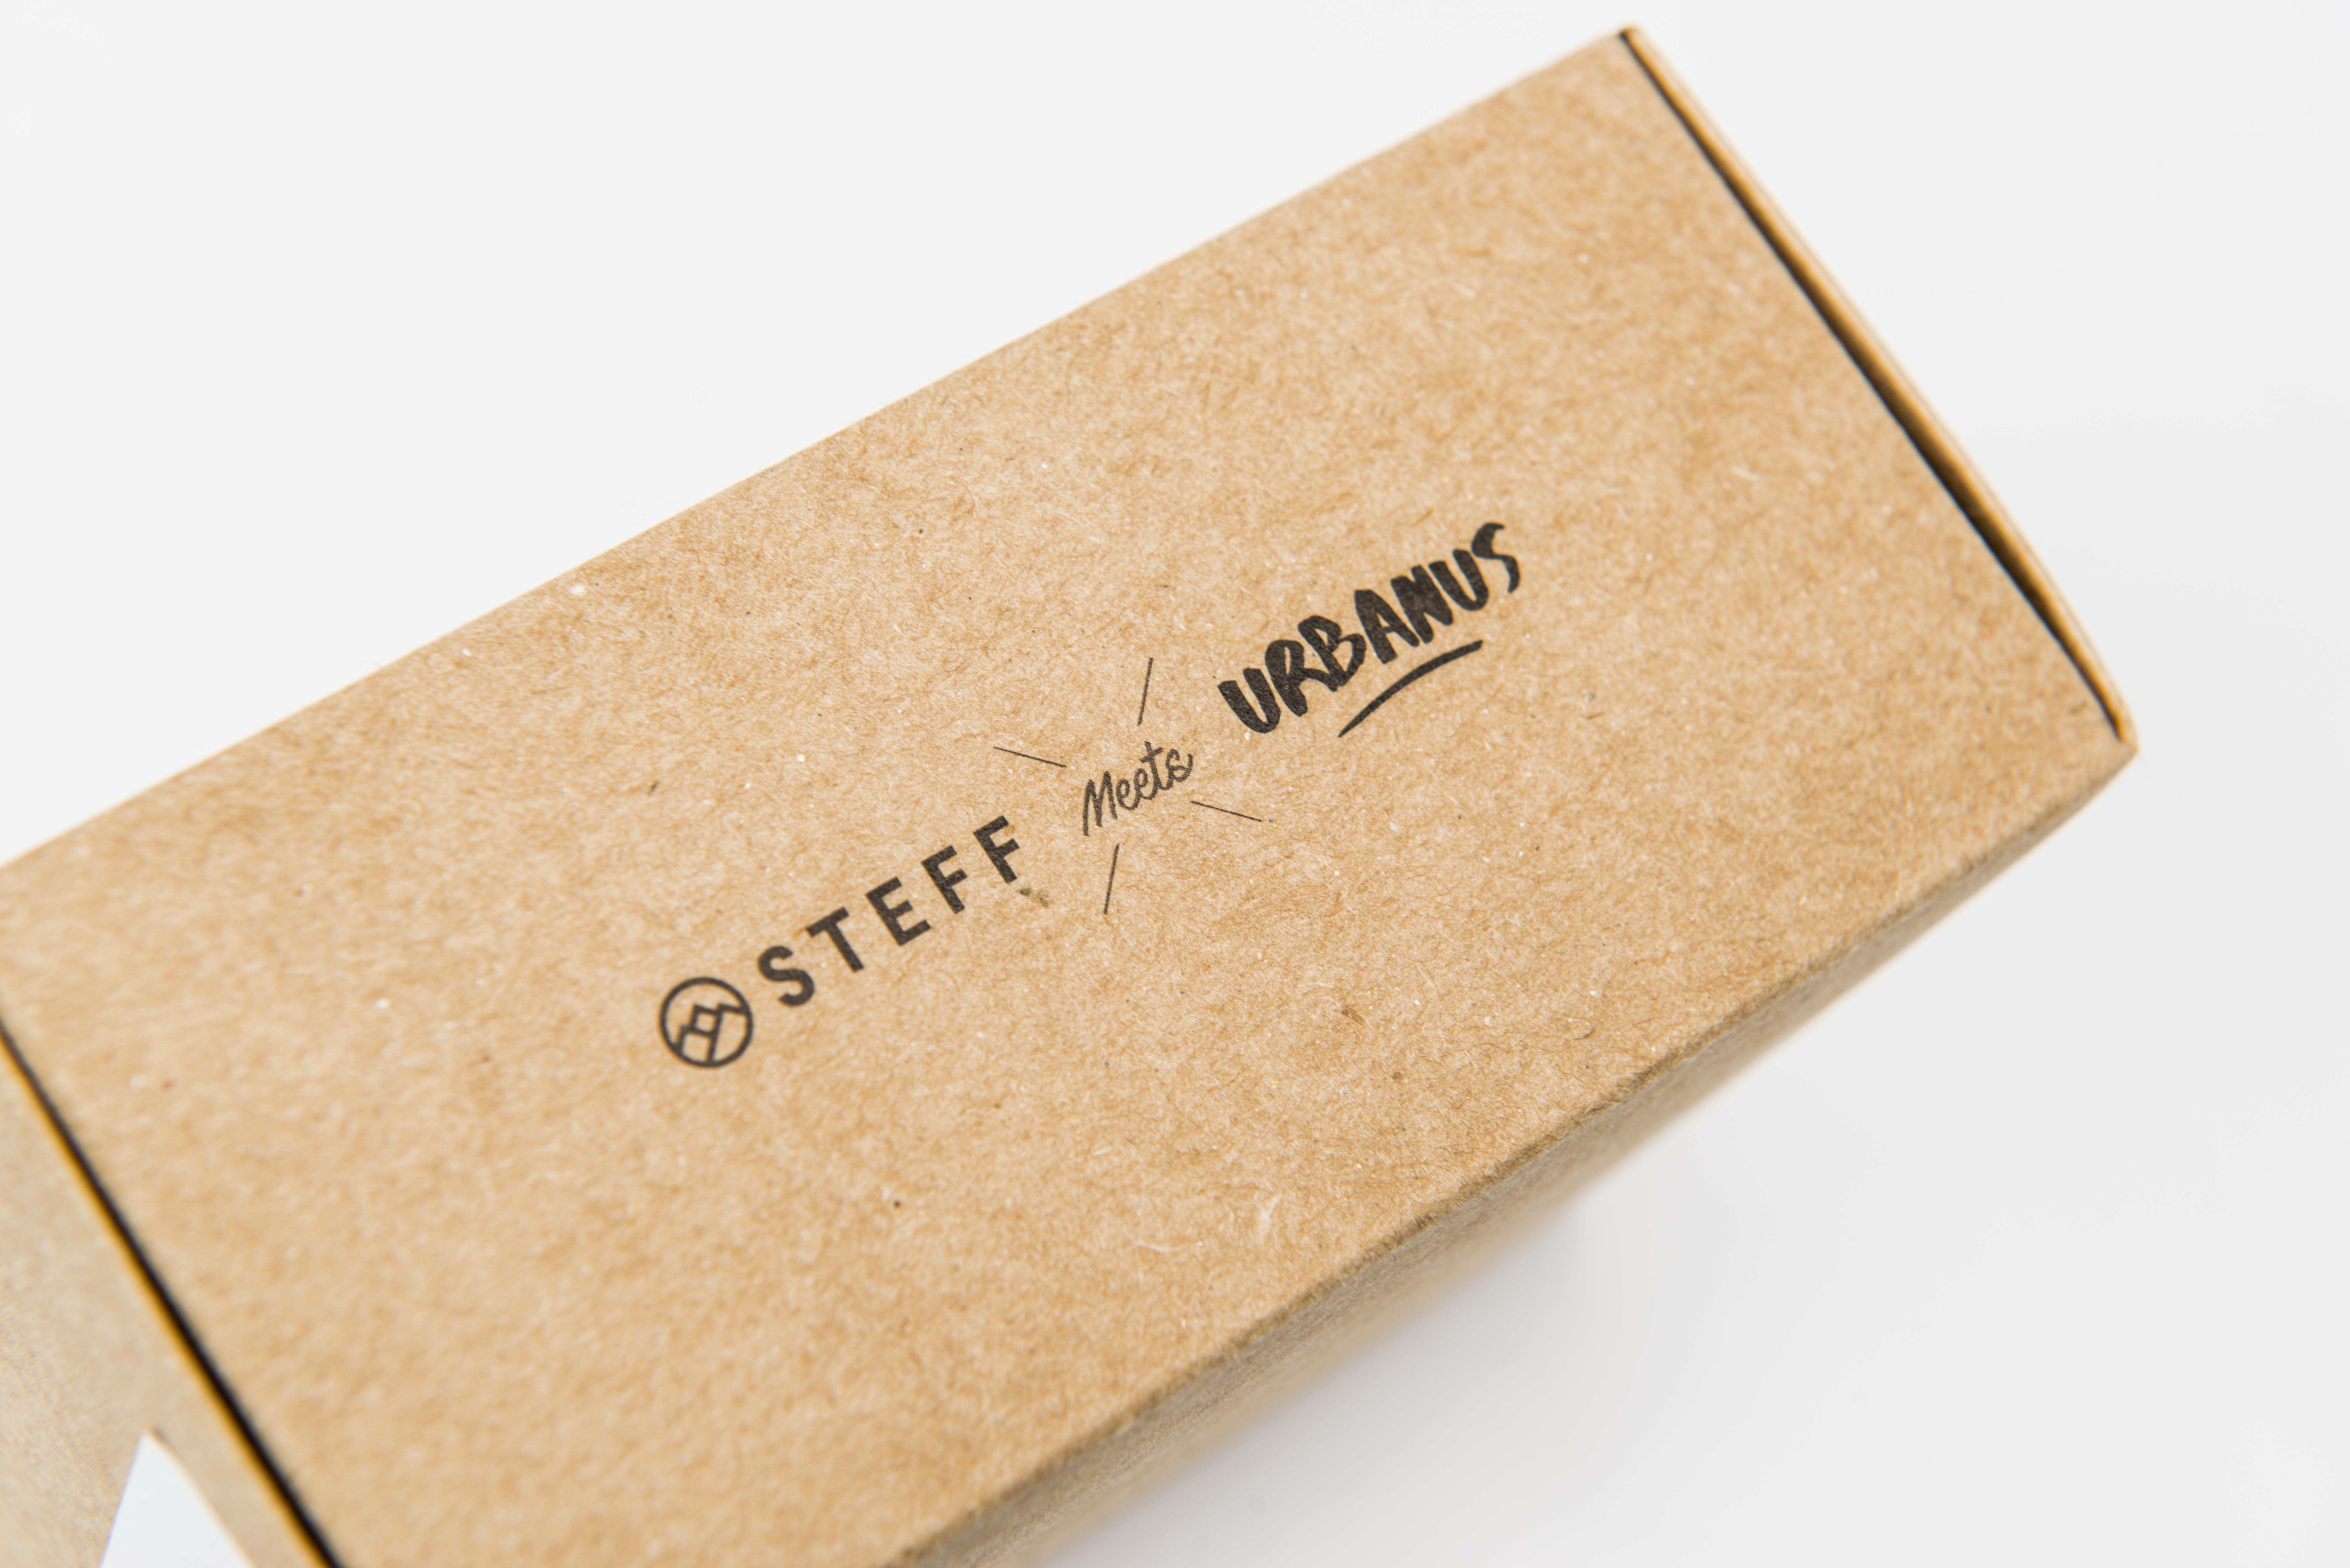 253632 steff boxer%20007 20ceab original 1500043311